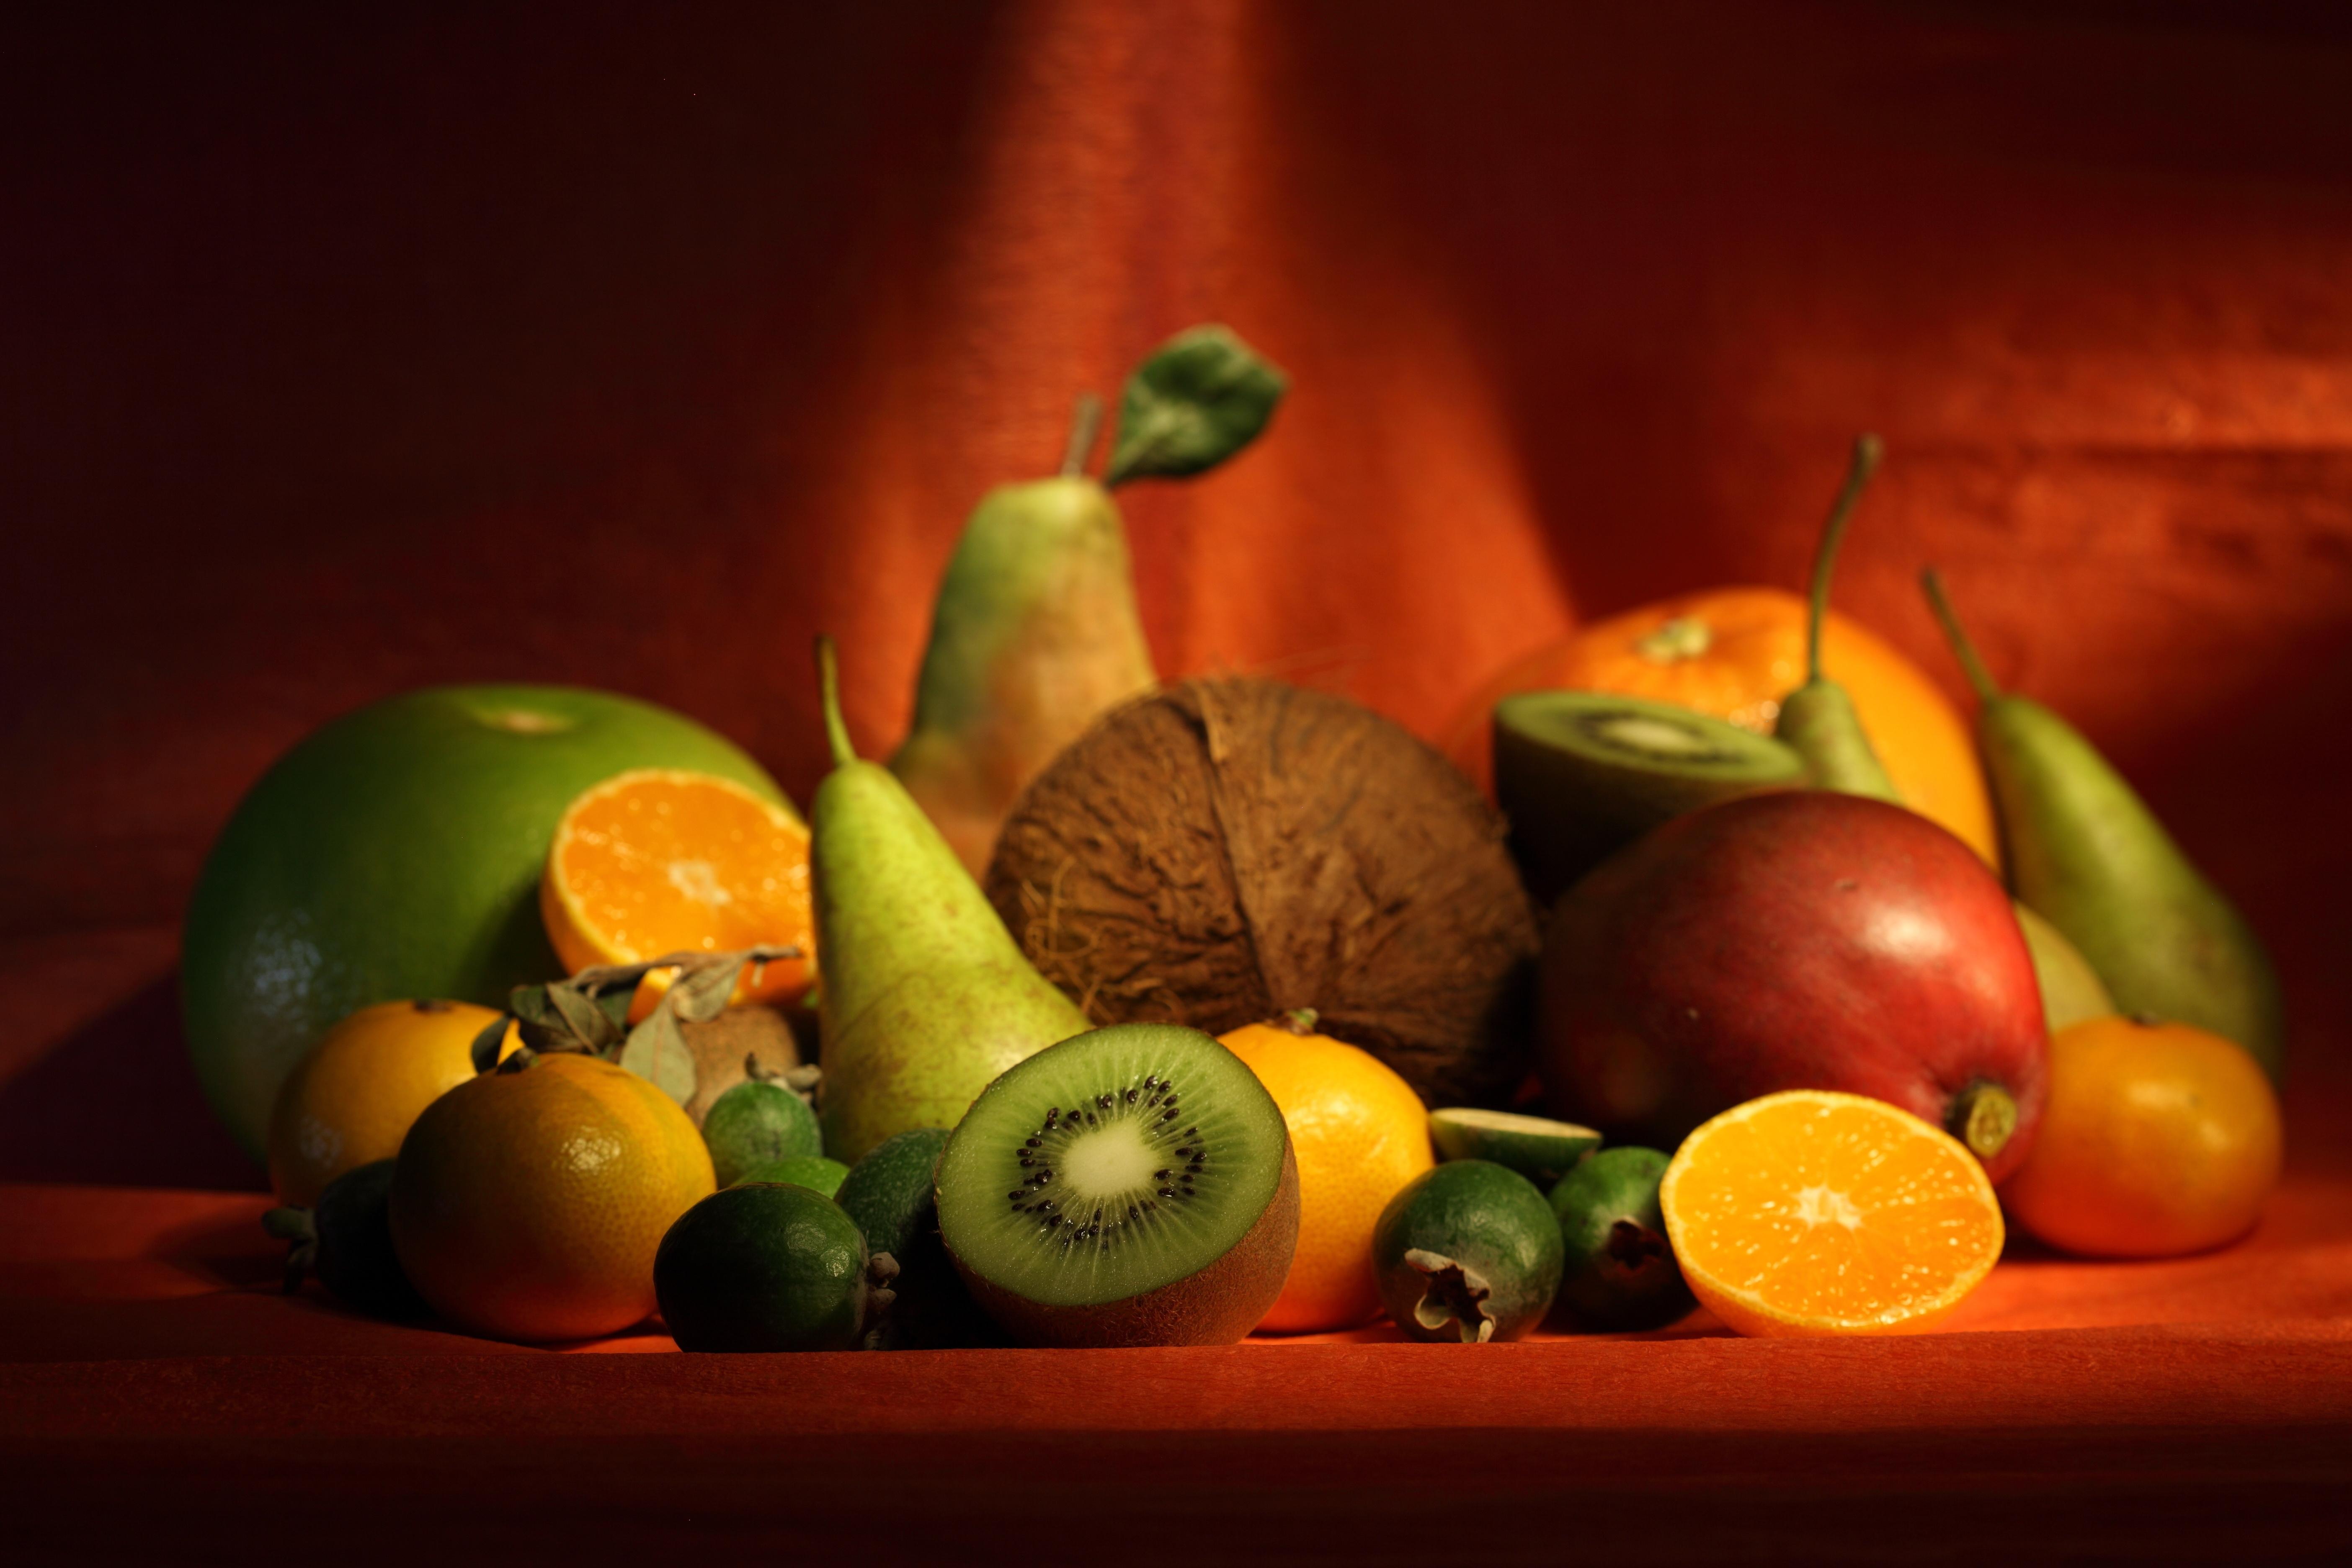 120355 скачать обои Еда, Аппетит, Фрукты, Ягоды, Бананы - заставки и картинки бесплатно